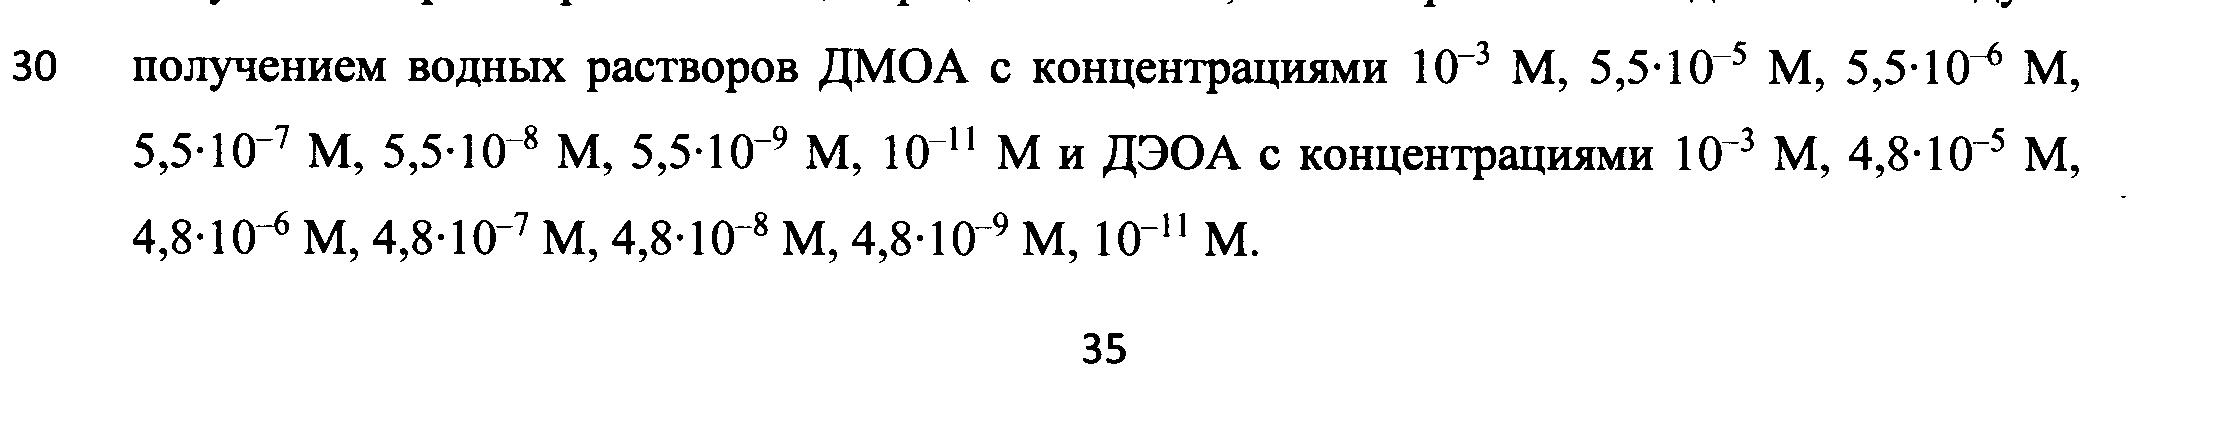 Формула раствора для конопли марихуана ее целебные свойства